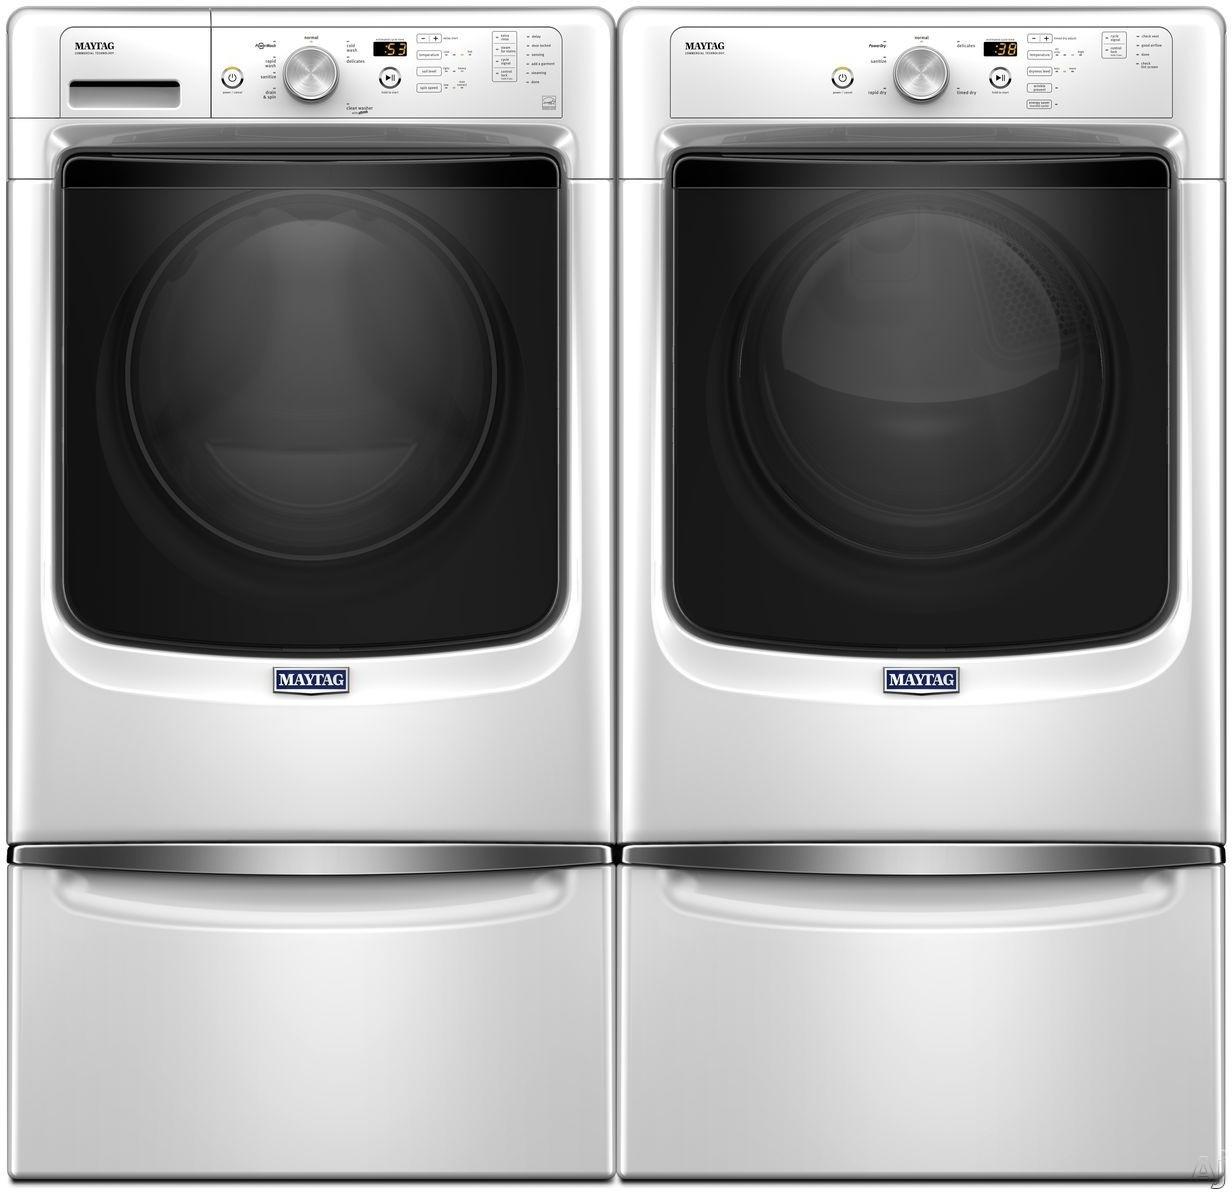 Washer And Dryer Pedestals